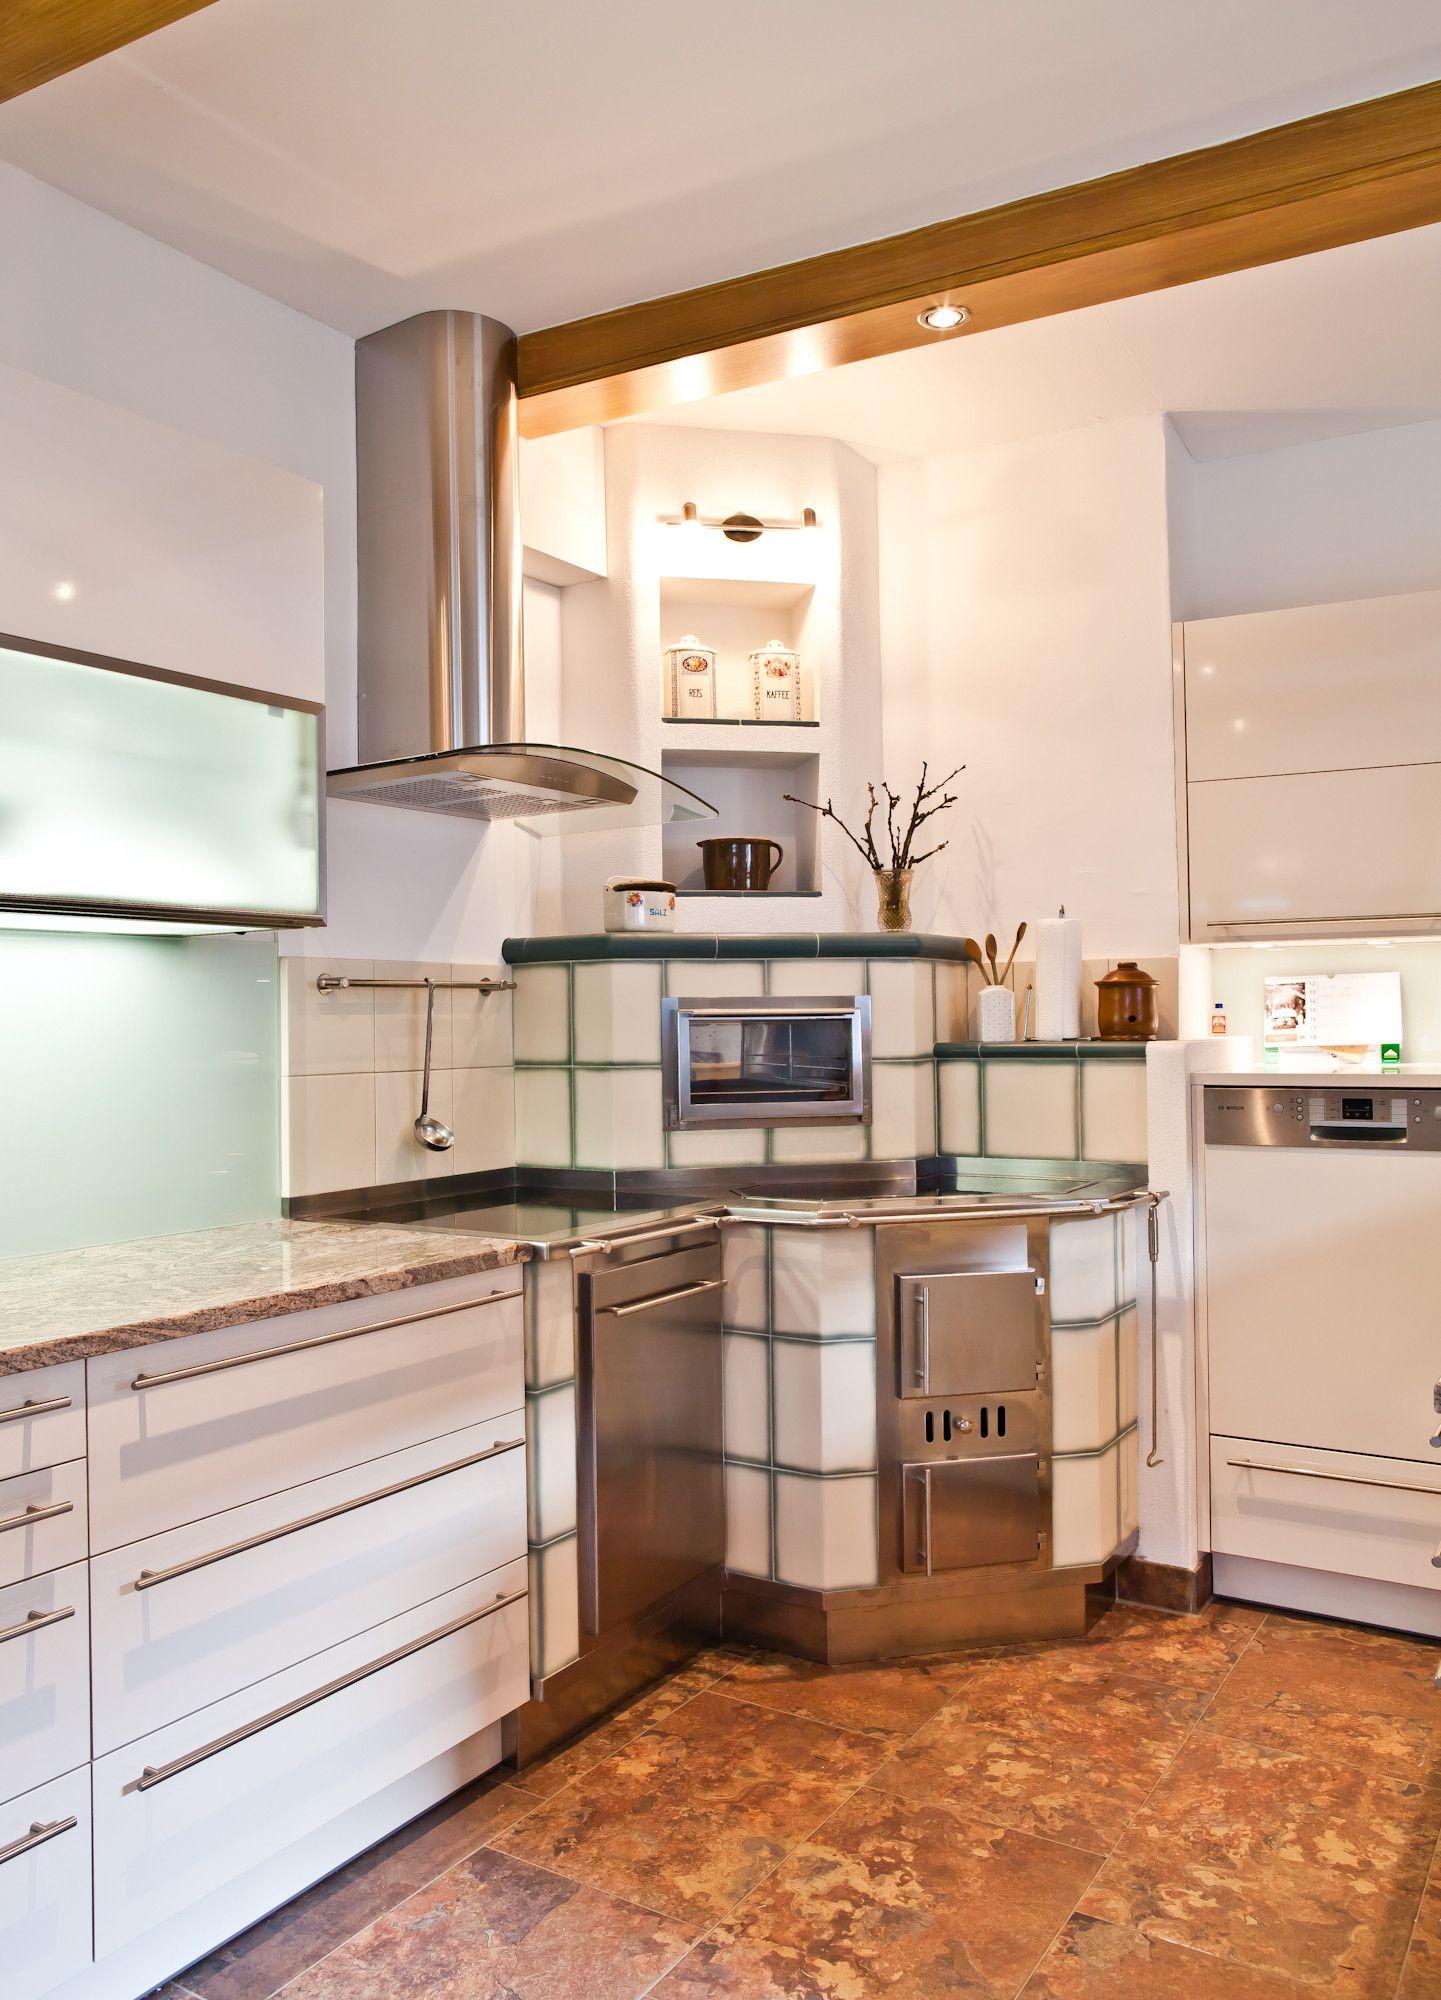 kochen mit holz und ohne strom by dkob deine kachelofen bauer design kachelofen pinterest. Black Bedroom Furniture Sets. Home Design Ideas